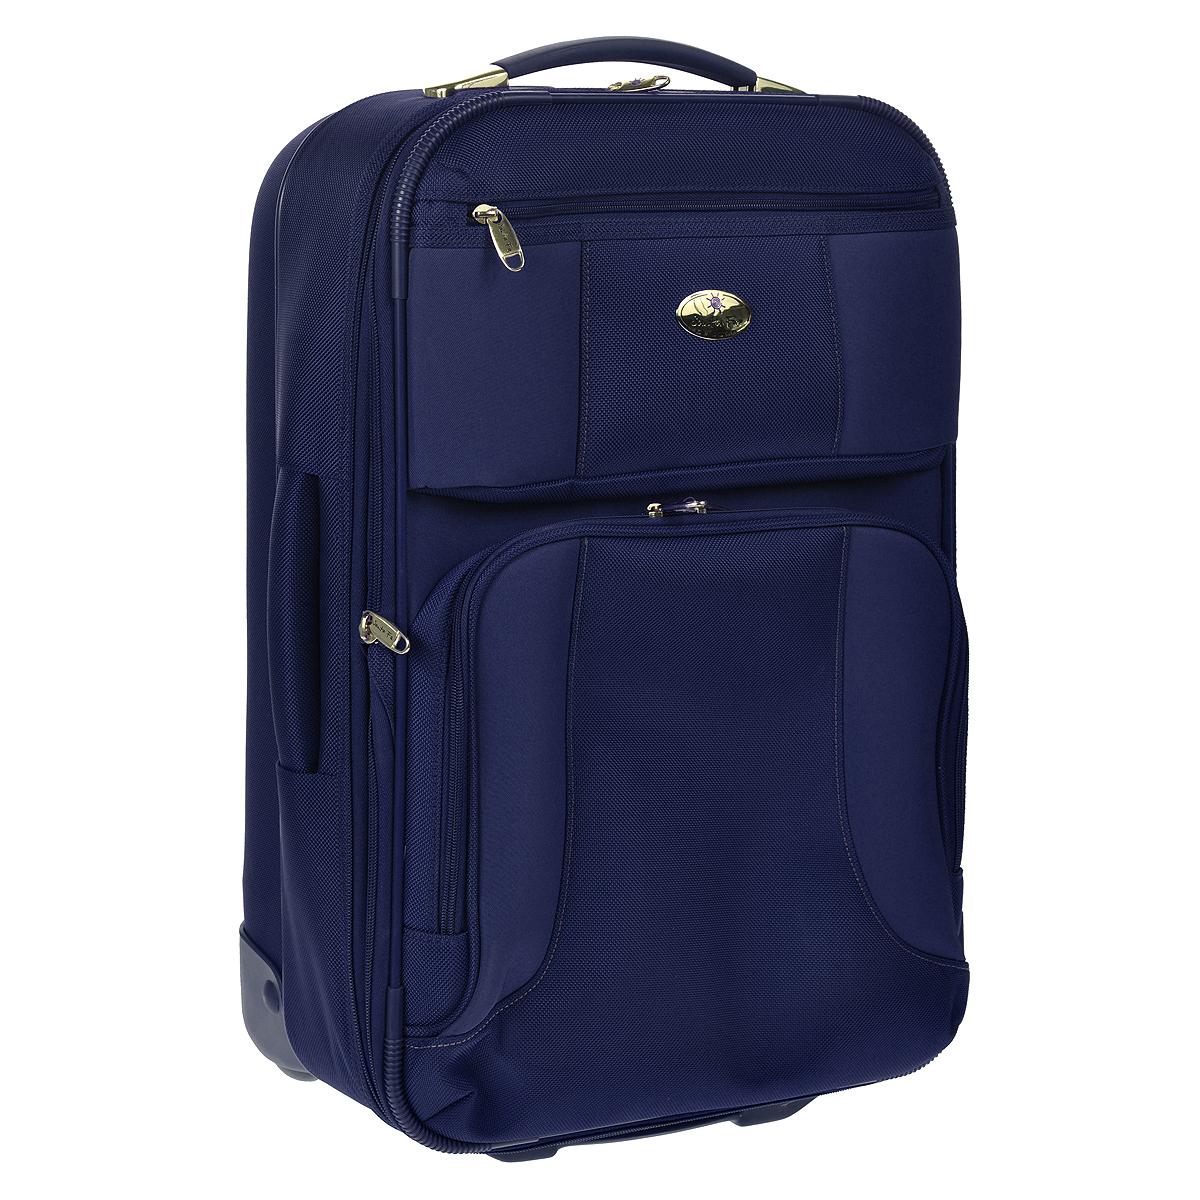 Чемодан-тележка Santa Fe De Luxe, 30 л, L04512/21, синийL04512/21 синийЧемодан-тележка Santa Fe, изготовленный из плотного полиэстера, идеально подходит для поездок и путешествий. Застегивается чемодан за молнию, бегунки которой могут быть соединены навесным замком, входящим в комплект. Внутри чемодан состоит из одного главного отделения с эластичными перекрещивающимися багажными ремнями, соединяющимися при помощи пластикового карабина, сбоку отделения имеется карман с эластичным верхним краем. Для большего удобства в комплект к чемодану прилагается пристегивающаяся пластиковая косметичка с двумя отделениями на застежке молнии и складывающаяся вешалка. С внутренней стороны на крышке, предусмотрен большой сетчатый карман на застежке-молнии. С внешней стороны на крышке имеется круговая молния, позволяющая увеличить объем чемодана на 20%. Также с лицевой стороны расположено одно вместительное отделение с сетчатым кармашком внутри и небольшой кармашек с внутренним органайзером: карман для мобильного телефона, 3 отсека для ручек, 3 отделения для...